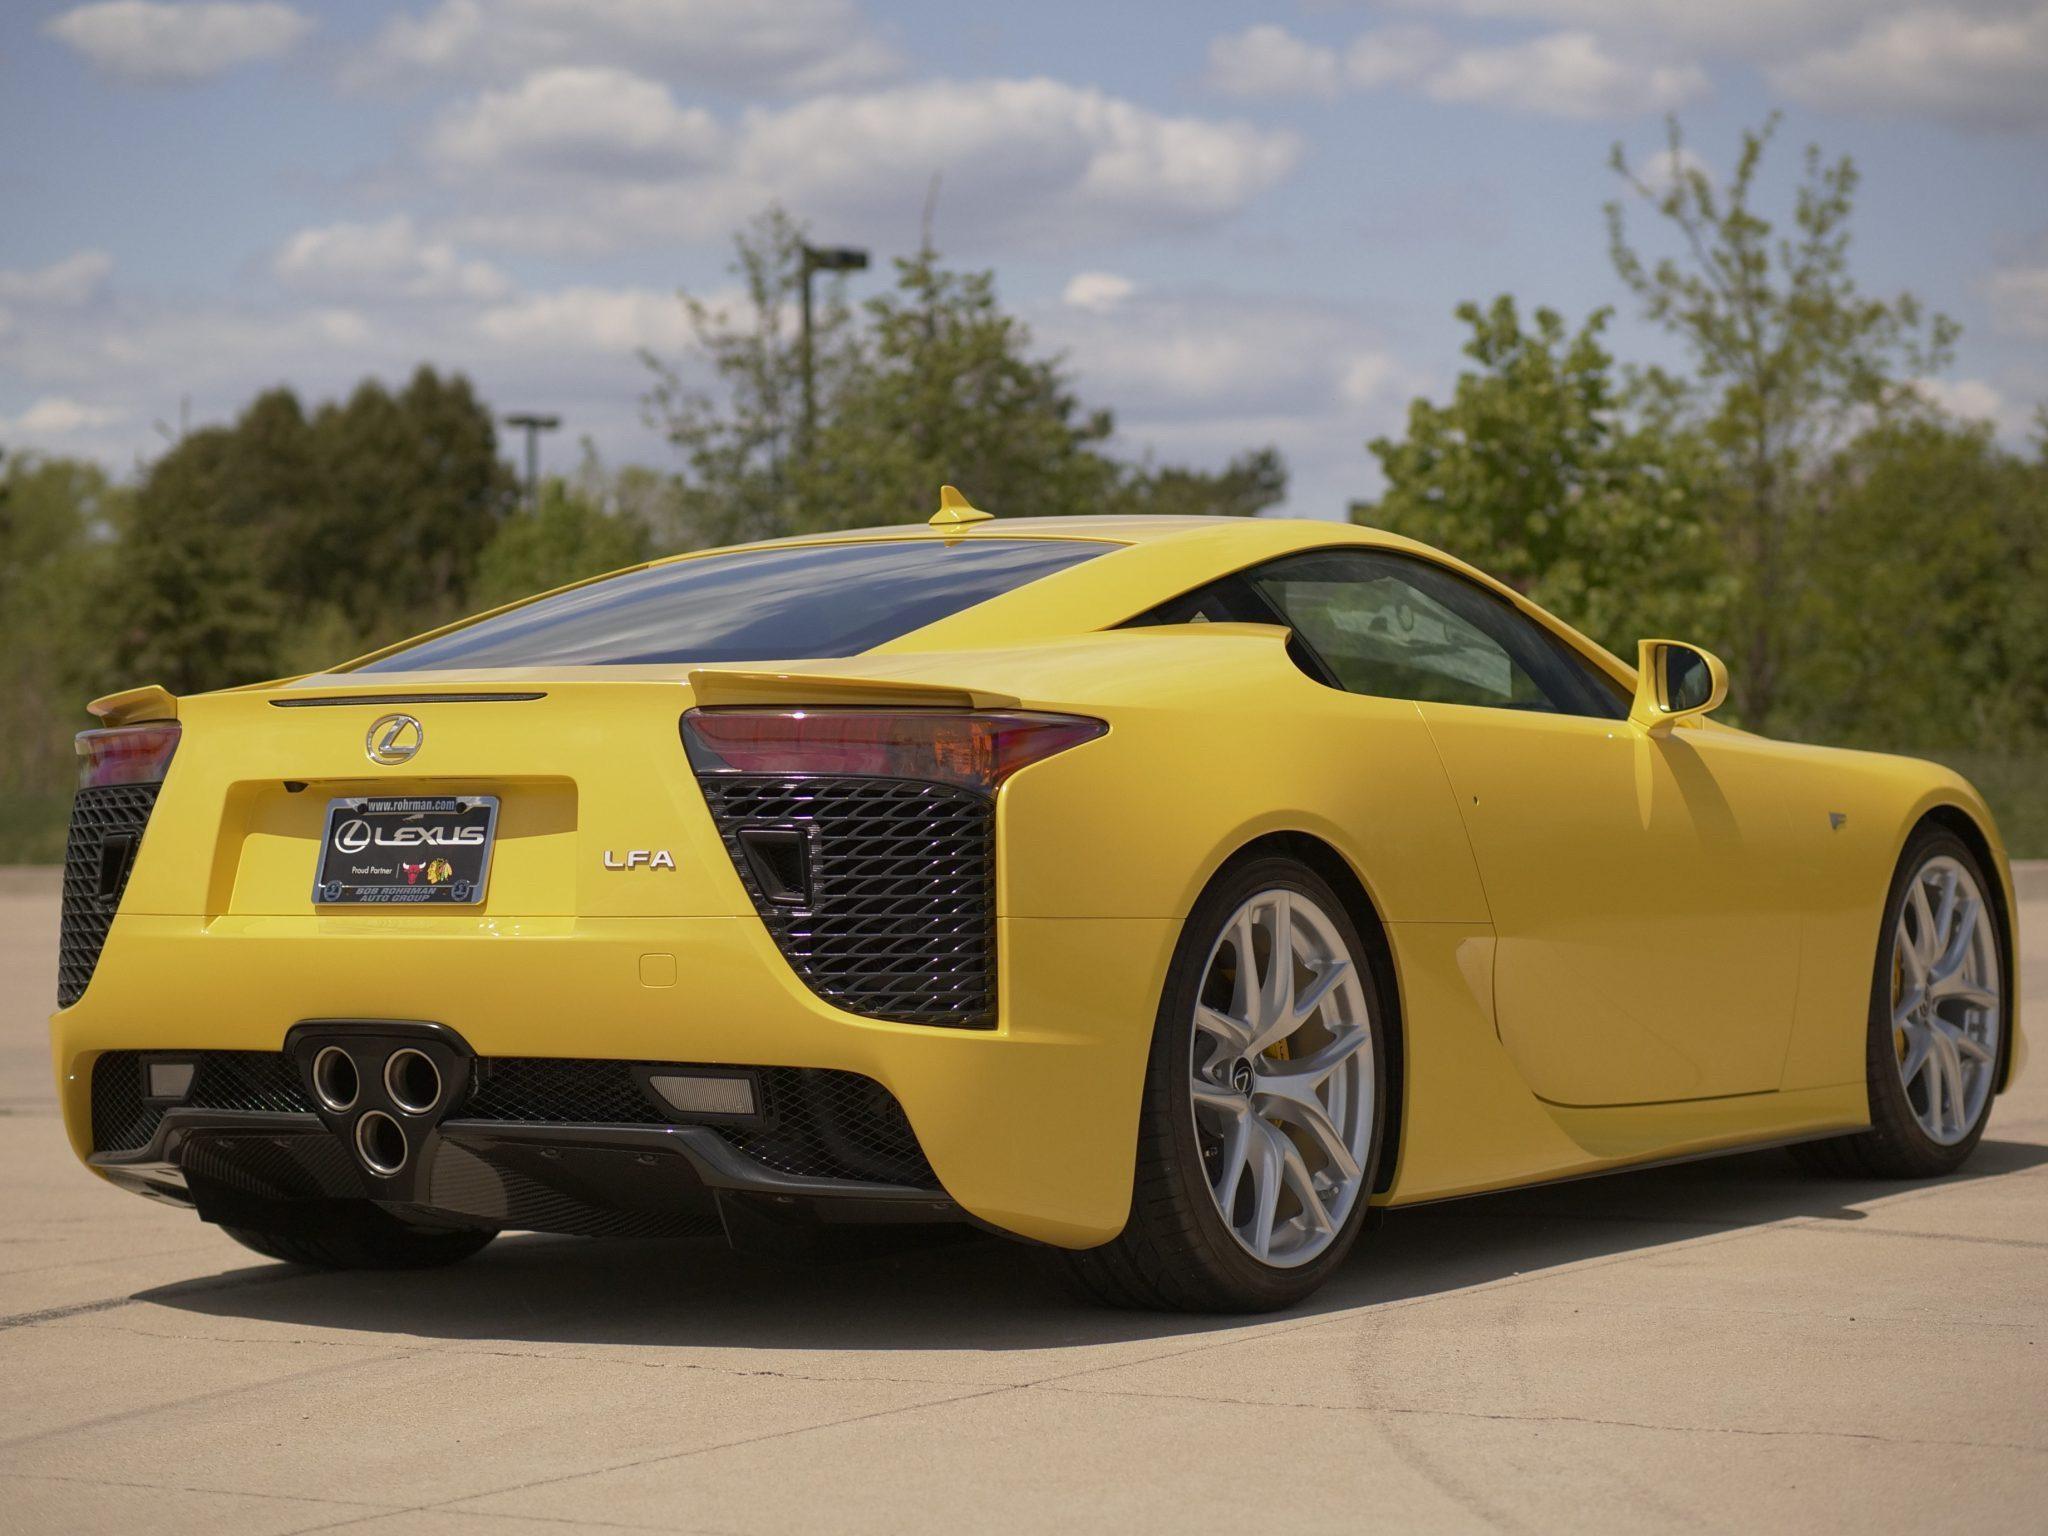 2012_Lexus_LFA_sale-0005